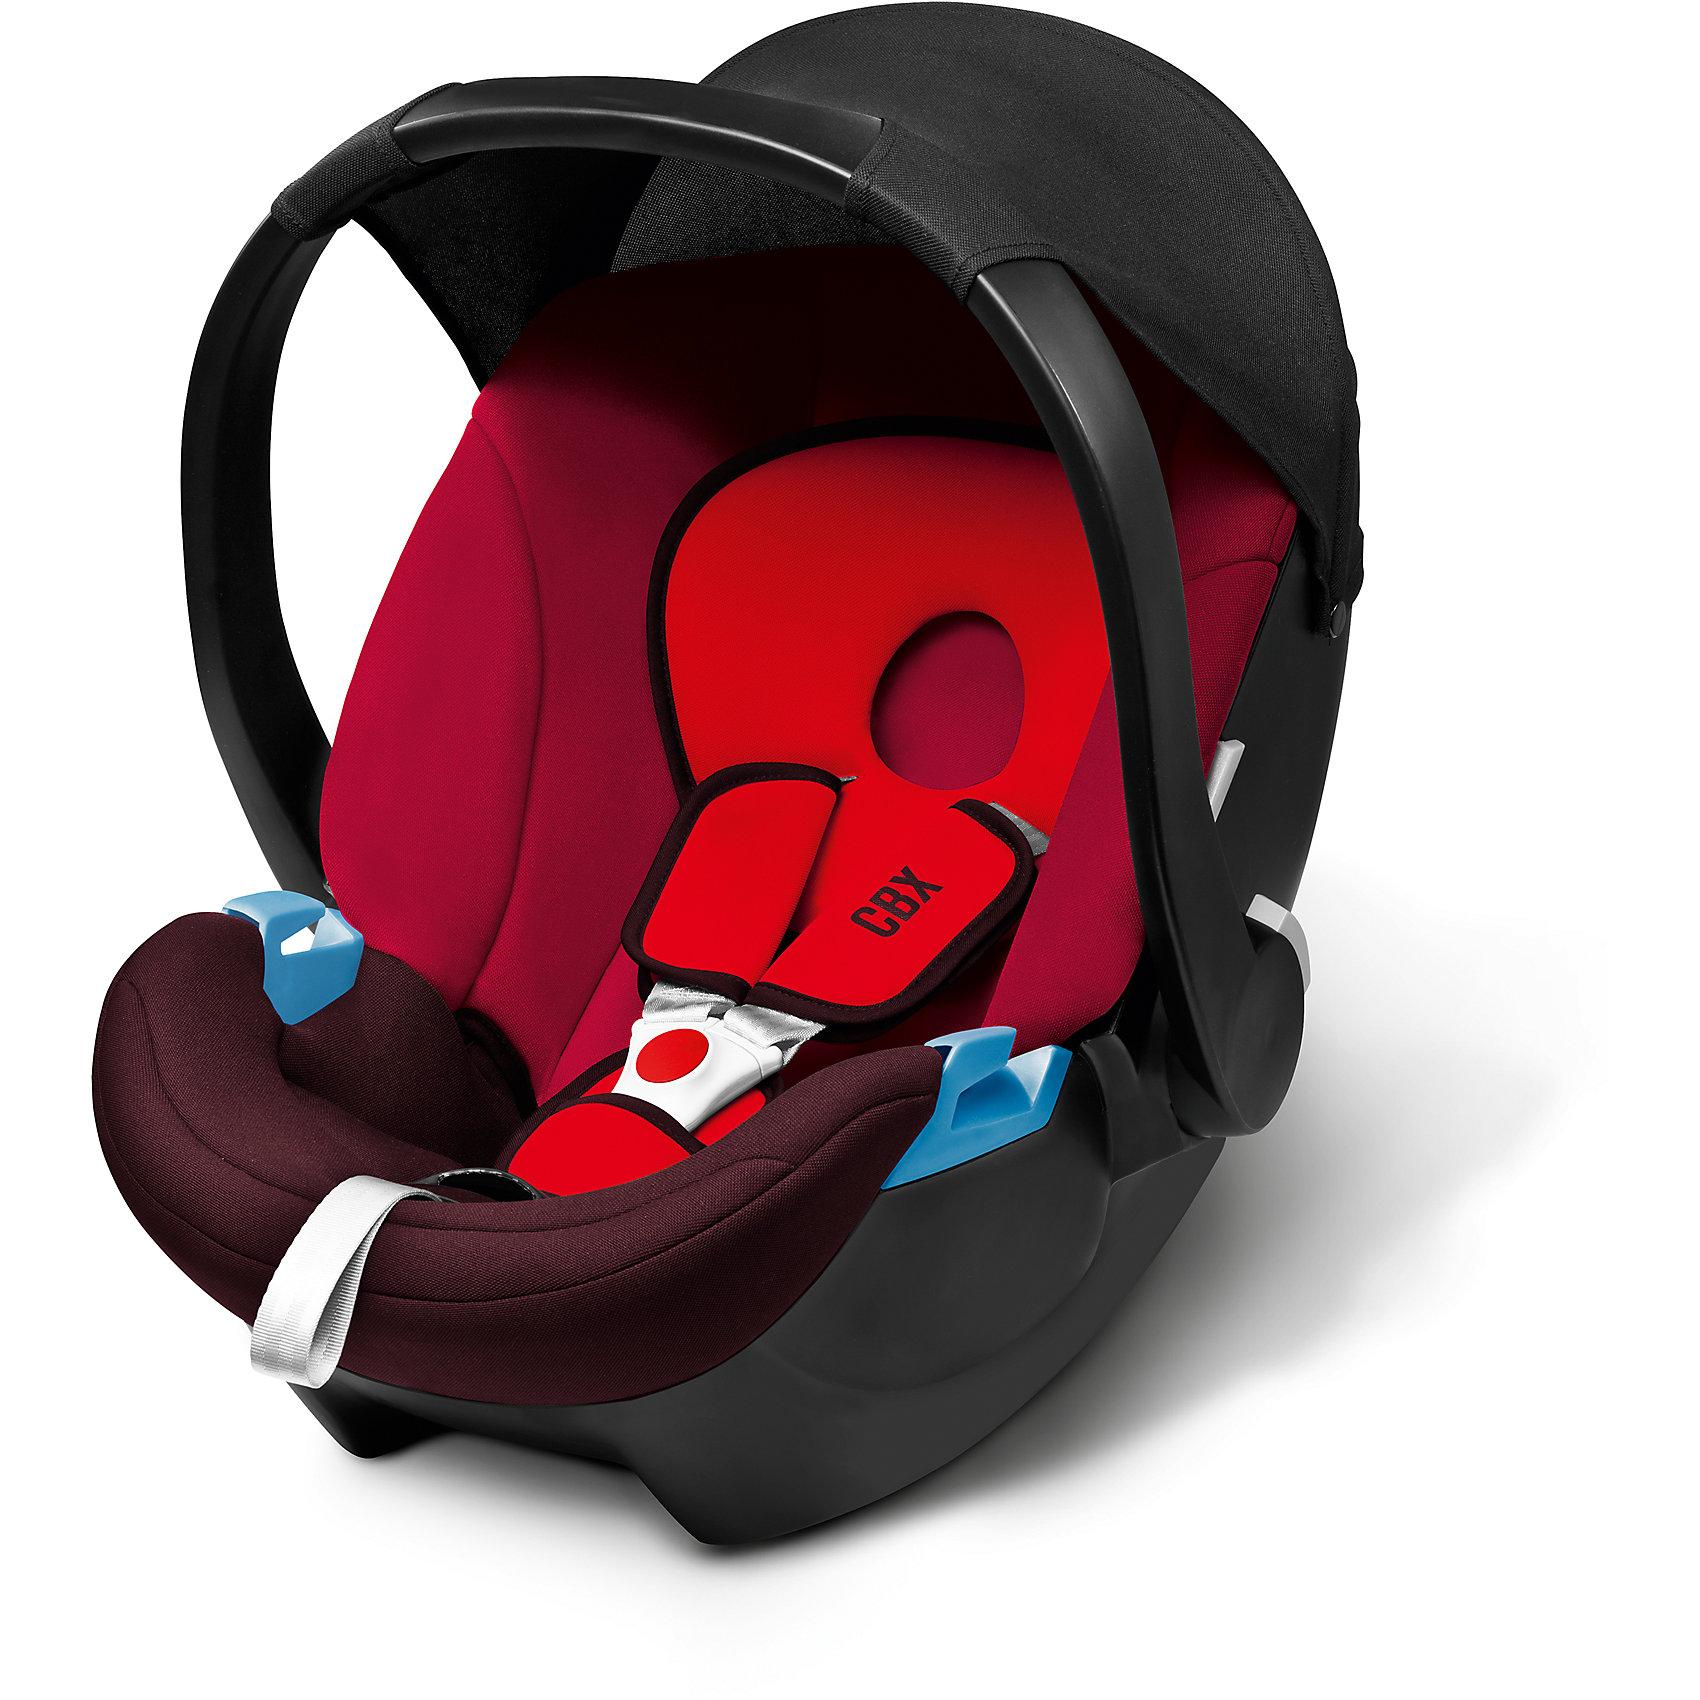 Автокресло Aton Basic, 0-13 кг, CBX by Cybex, Rumba RedАвтокресло Aton Basic Cybex (Атон Бейсик Сайбекс) создано специально для детей от рождения и до 1,5 лет. Очень важно, чтобы в этот период малышу было комфортно и он привык спать в дороге, тогда все дальнейшие поездки будут приносить только радость и ребенок не будет уставать. Купив кресло Aton Basiс Вы обеспечите крохе высочайший уровень безопасности, подтвержденный европейскими сертификатами и успешно пройденными краш-тестами. Несмотря на высокий уровень защиты, кресло чрезвычайно легкое, что очень порадует мам, которые часто путешествуют с малышом одни. Еще один немаловажный плюс: кресло очень легко крепится к колесной базе, благодаря чему, заснувшего в машине малыша не нужно тревожить, можно просто продолжить прогулку в коляске. Малышу будет очень удобно спать и бодрствовать в кресле, ведь в нем продумано все до мелочей: анатомическая съемная подушка, удобная база для качания, комфортные трехточечные ремни безопасности и козырек от солнца. Многофункциональная ручка легко устанавливается в трех положениях и сделает перемещение кресла еще более удобным.<br><br>Дополнительная информация:<br><br>- Соответствует Европейскому стандарту безопасности ЕСЕ R44/04;<br>- Группа: 0+ (0-13 кг);<br>- Легко крепится в автомобиле штатными ремнями против движения;<br>- Усиленная защита от бокового удара;<br>- Классный спортивный дизайн;<br>- Можно установить на шасси колясок CYBEX Callisto, Topaz и Onyx;<br>- Идеальная форма для укачивания малыша;<br>- Удобная ручка для переноски: 3 положения, нескользящая поверхность; <br>- Анатомическая подушка для новорожденных;<br>- Обивку легко снимать и стирать;<br>- Большой, съемный и мягкий капор защитит от сквозняков  и шума;<br>- Цвет: Rumba Red (черный/красный);<br>- Размер кресла: 63 x 44 x 55,5 см; <br>- Вес: 2,9 кг<br><br>Автокресло Aton Basic, 0-13 кг, CBX by Cybex, Rumba Red (Атон Бейсик Сайбекс) можно купить в нашем интернет-магазине.<br><br>Ширина мм: 530<br>Глубина мм: 450<b